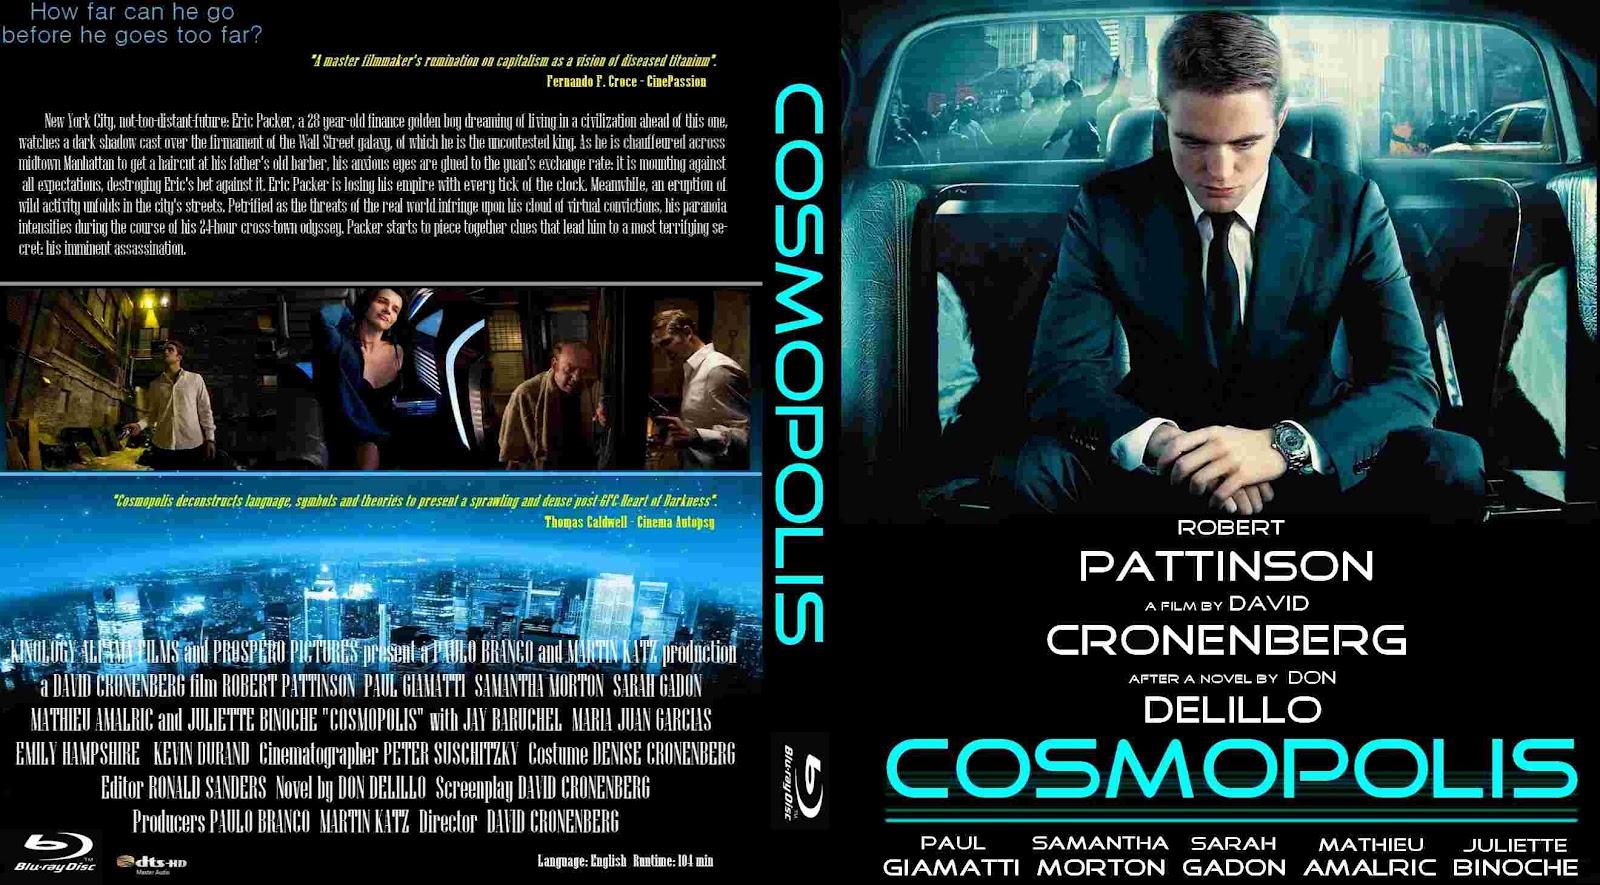 http://2.bp.blogspot.com/-EqwFTCu1ofY/UGbFlY7yPAI/AAAAAAAABXA/_iaYvmtPsU0/s1600/Cosmopolis_(2012)_R0_Custom-%5Bfront%5D-%5Bwww.FreeCovers.net%5D.jpg